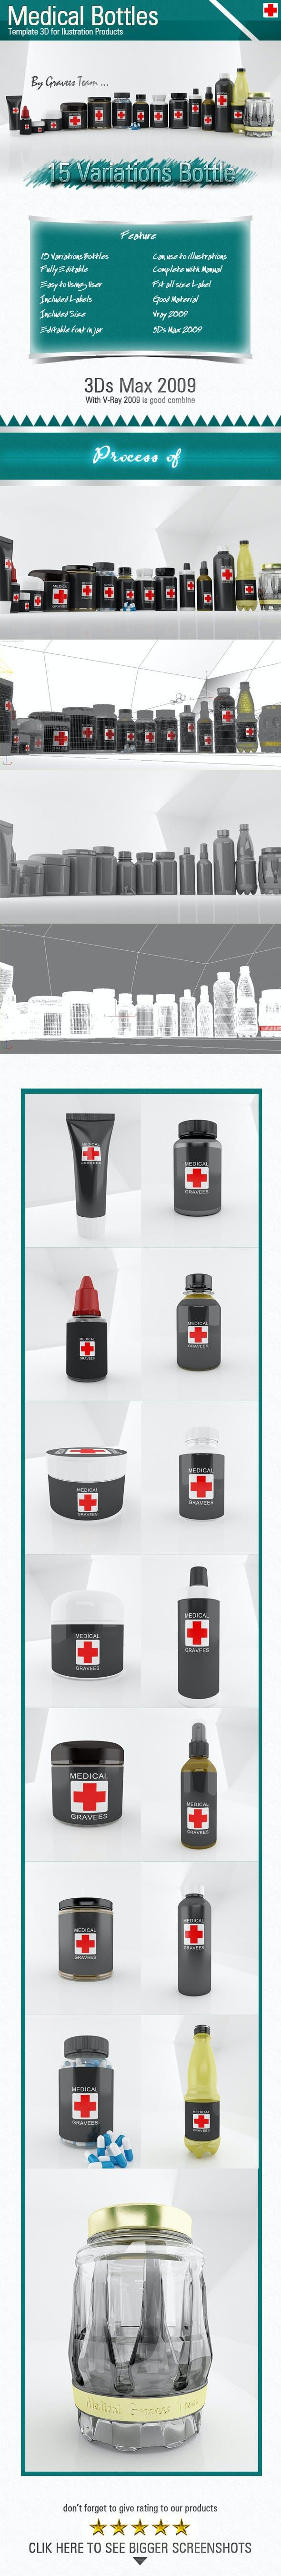 Medical Bottles - 3DOcean Item for Sale